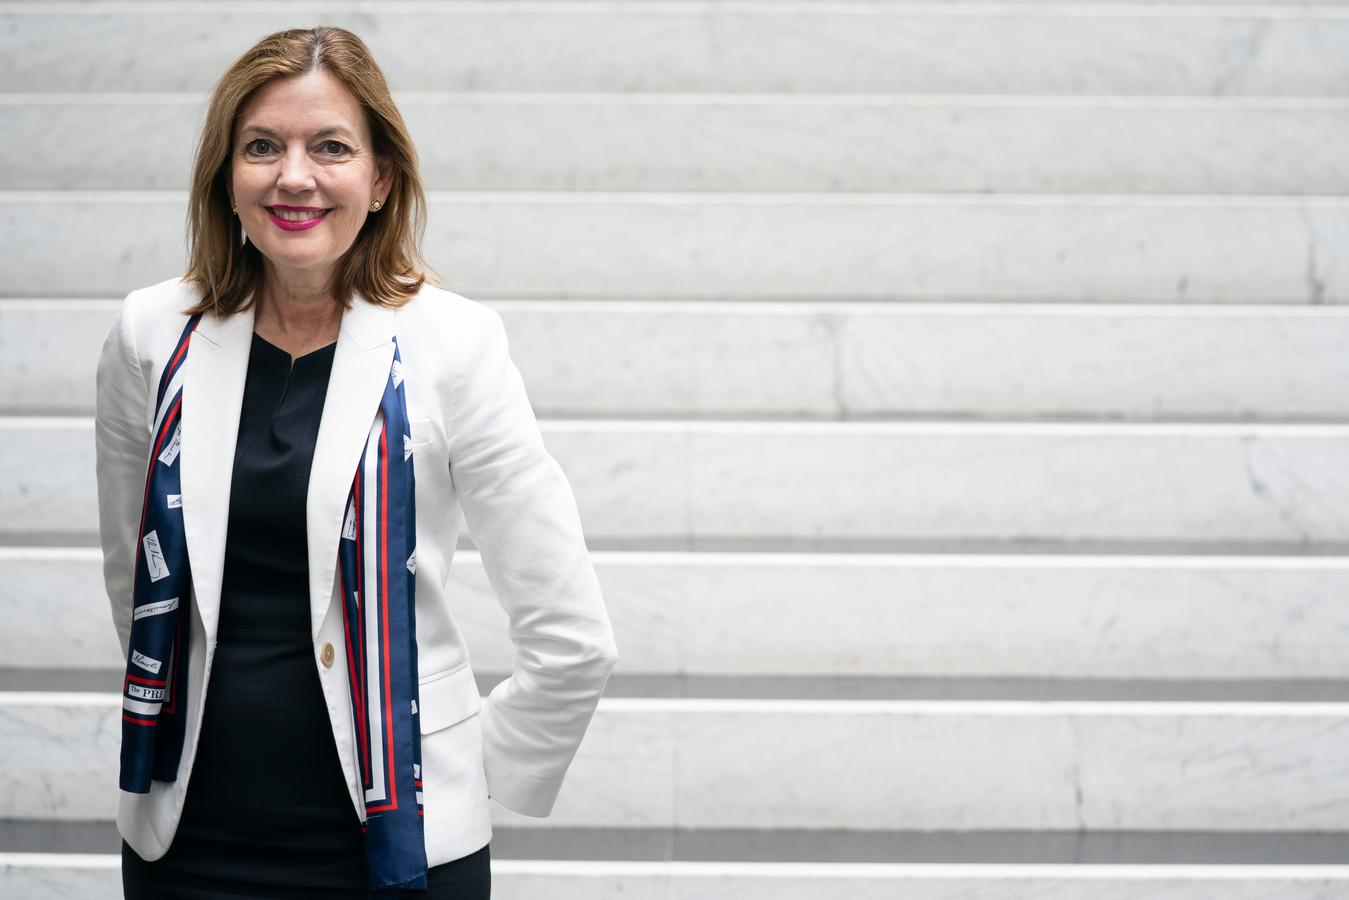 Marie Royce, Amerika's onderminister van Buitenlandse Zaken en verantwoordelijk voor onderwijs.